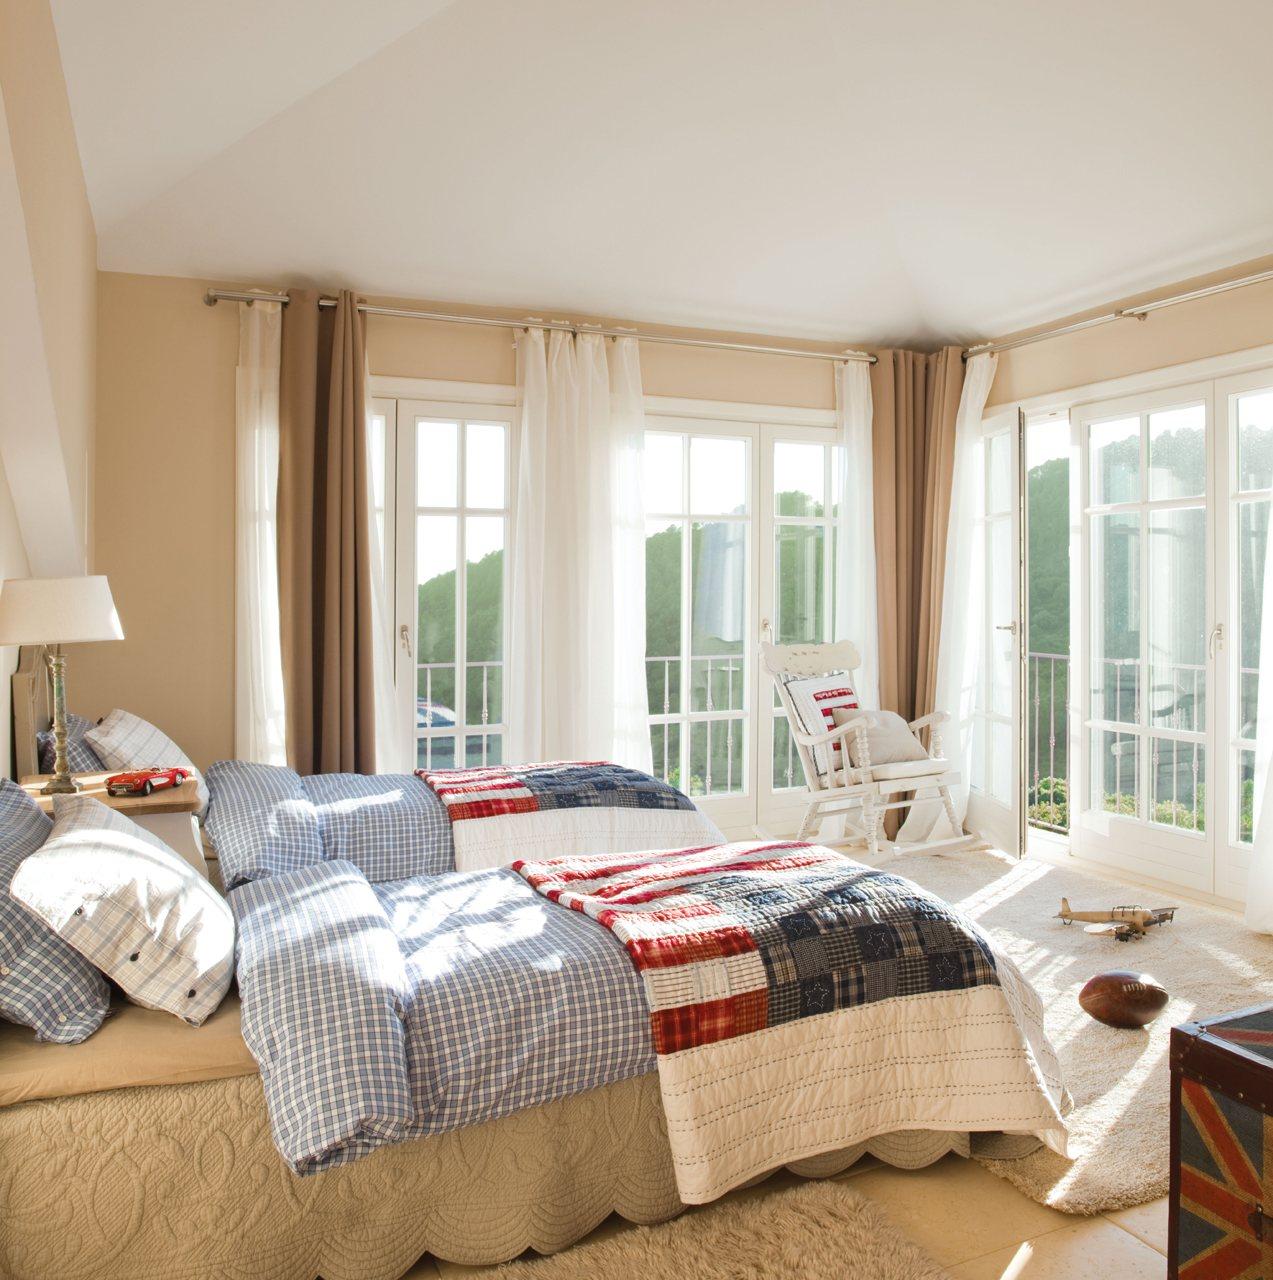 5 retoques que cuestan poco y transformar n tu casa - Ropa de cama lexington ...